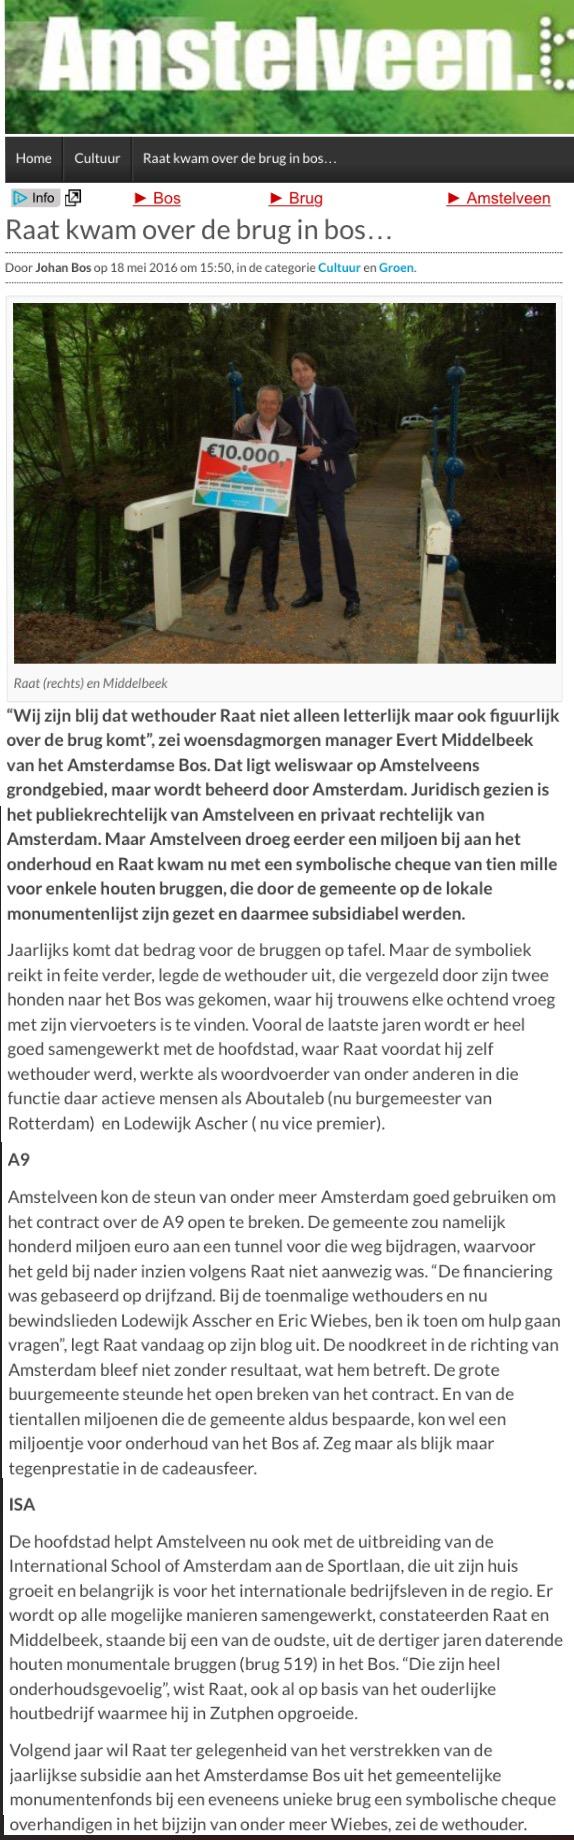 2016-18 mei artikel AmstelveenBlog.n